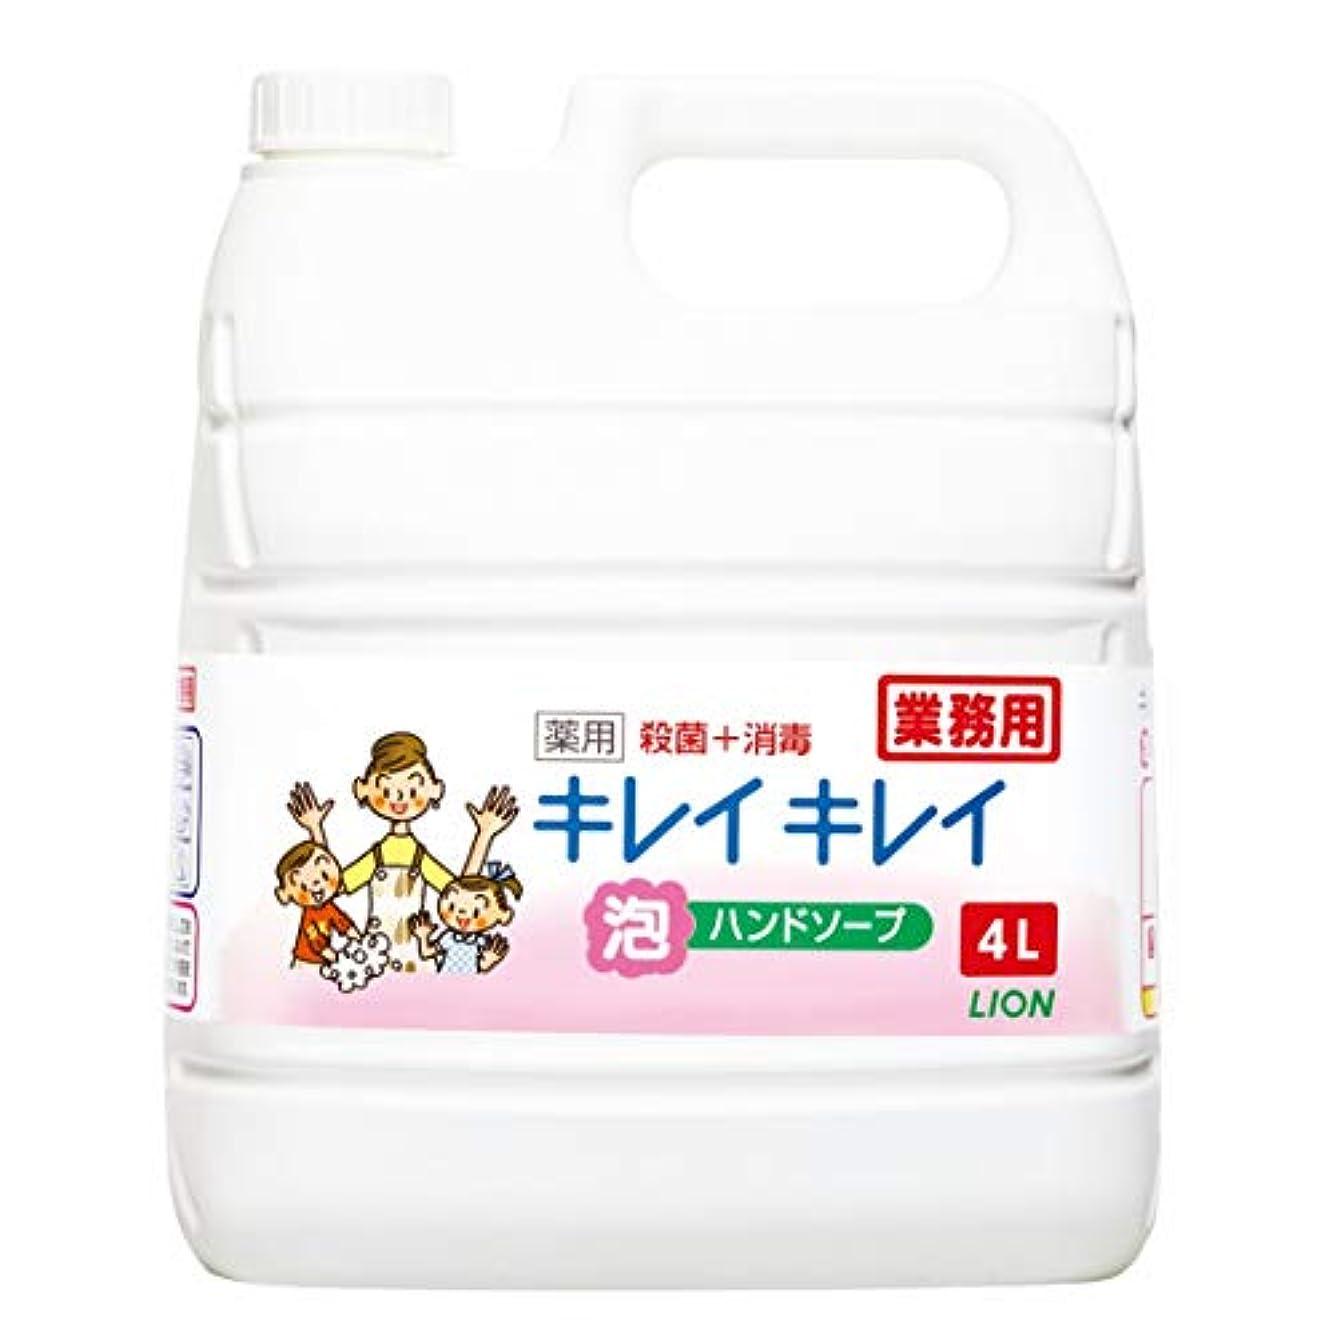 いろいろなだめるタイプ【業務用 大容量】キレイキレイ 薬用 泡ハンドソープ シトラスフルーティの香り 4L(医薬部外品)